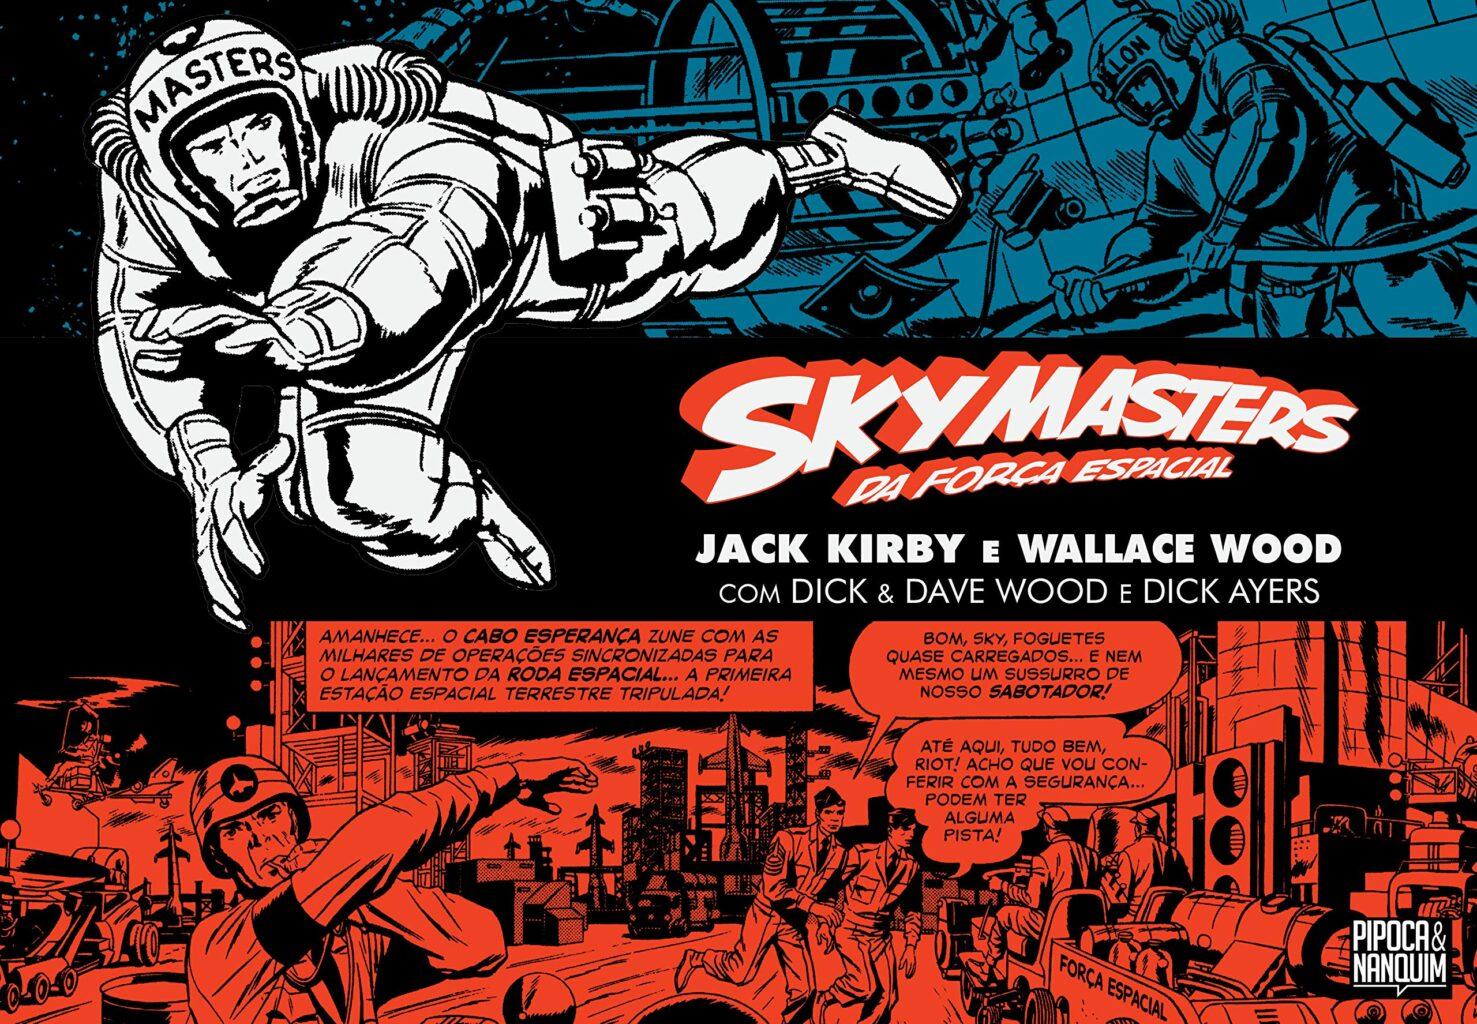 Sky Masters da Força Espacial